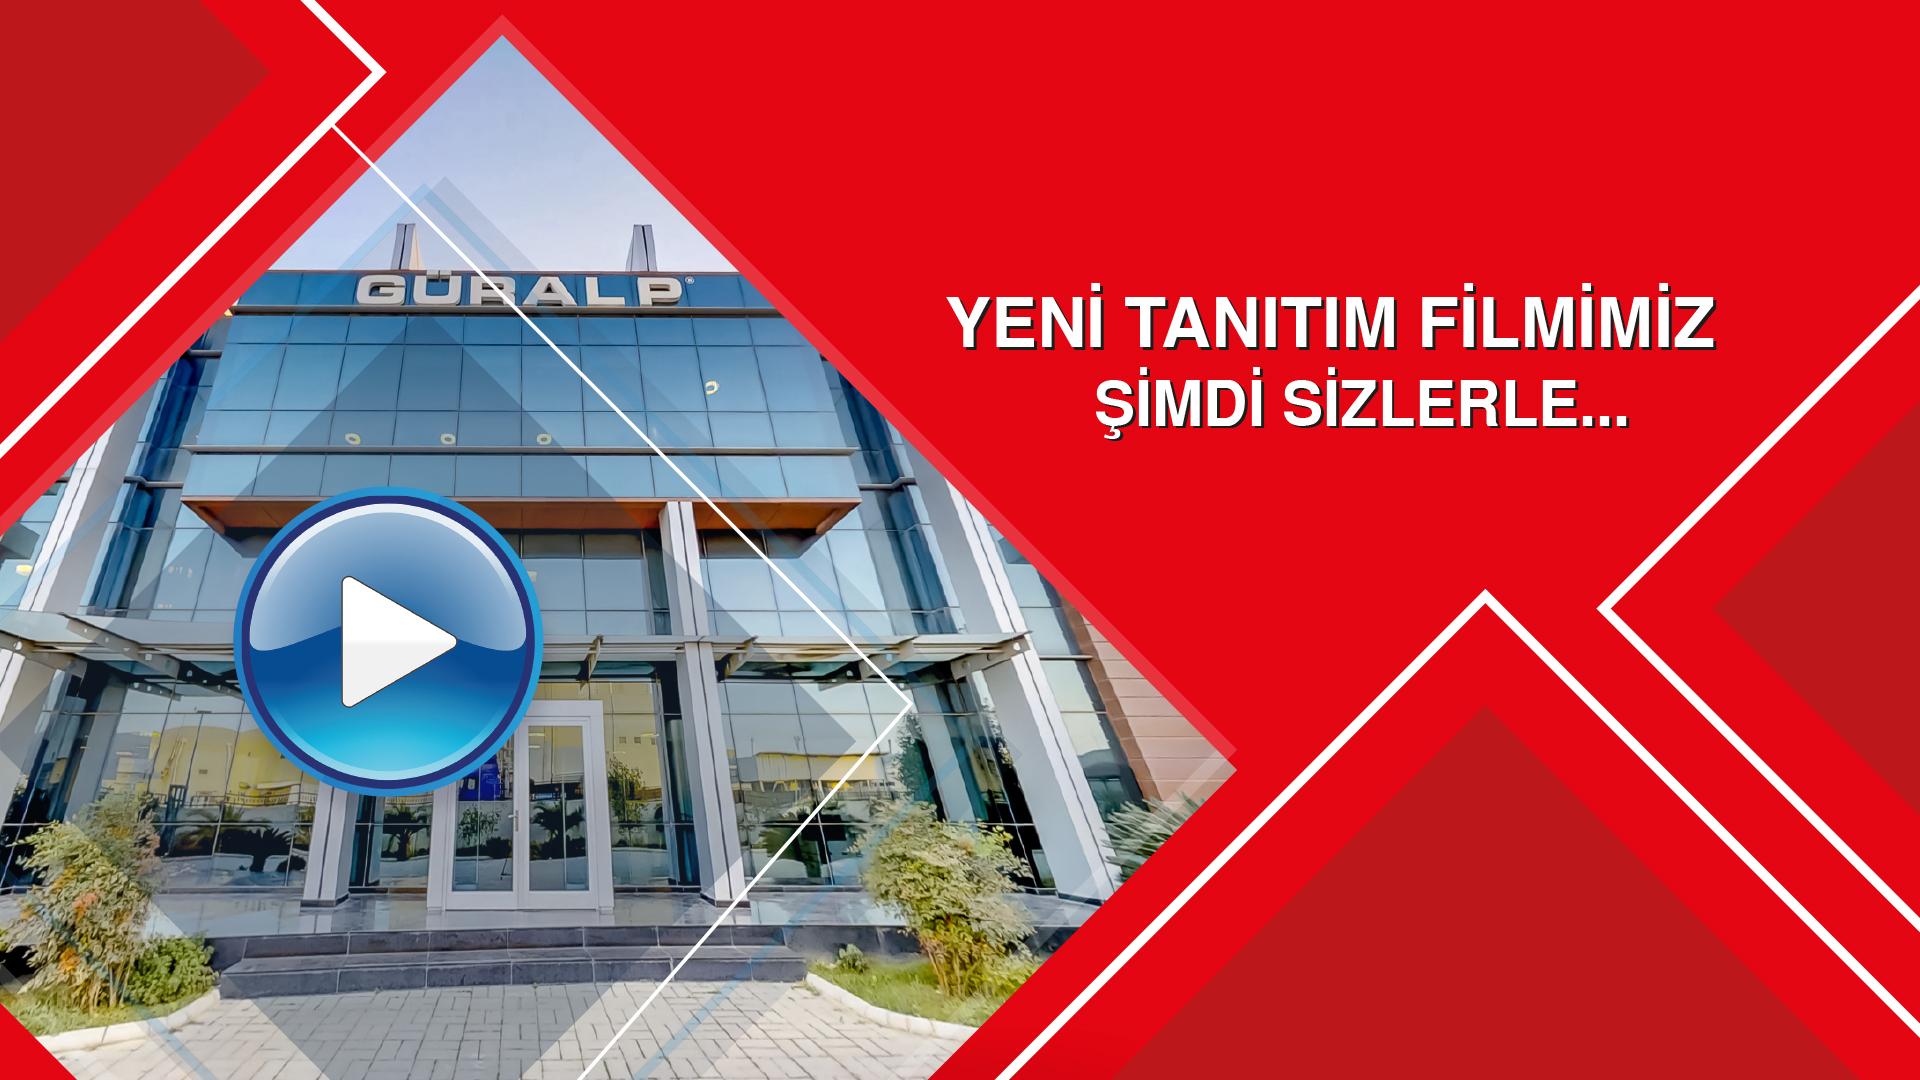 Tanitim_Filmi_TURKCE.jpg